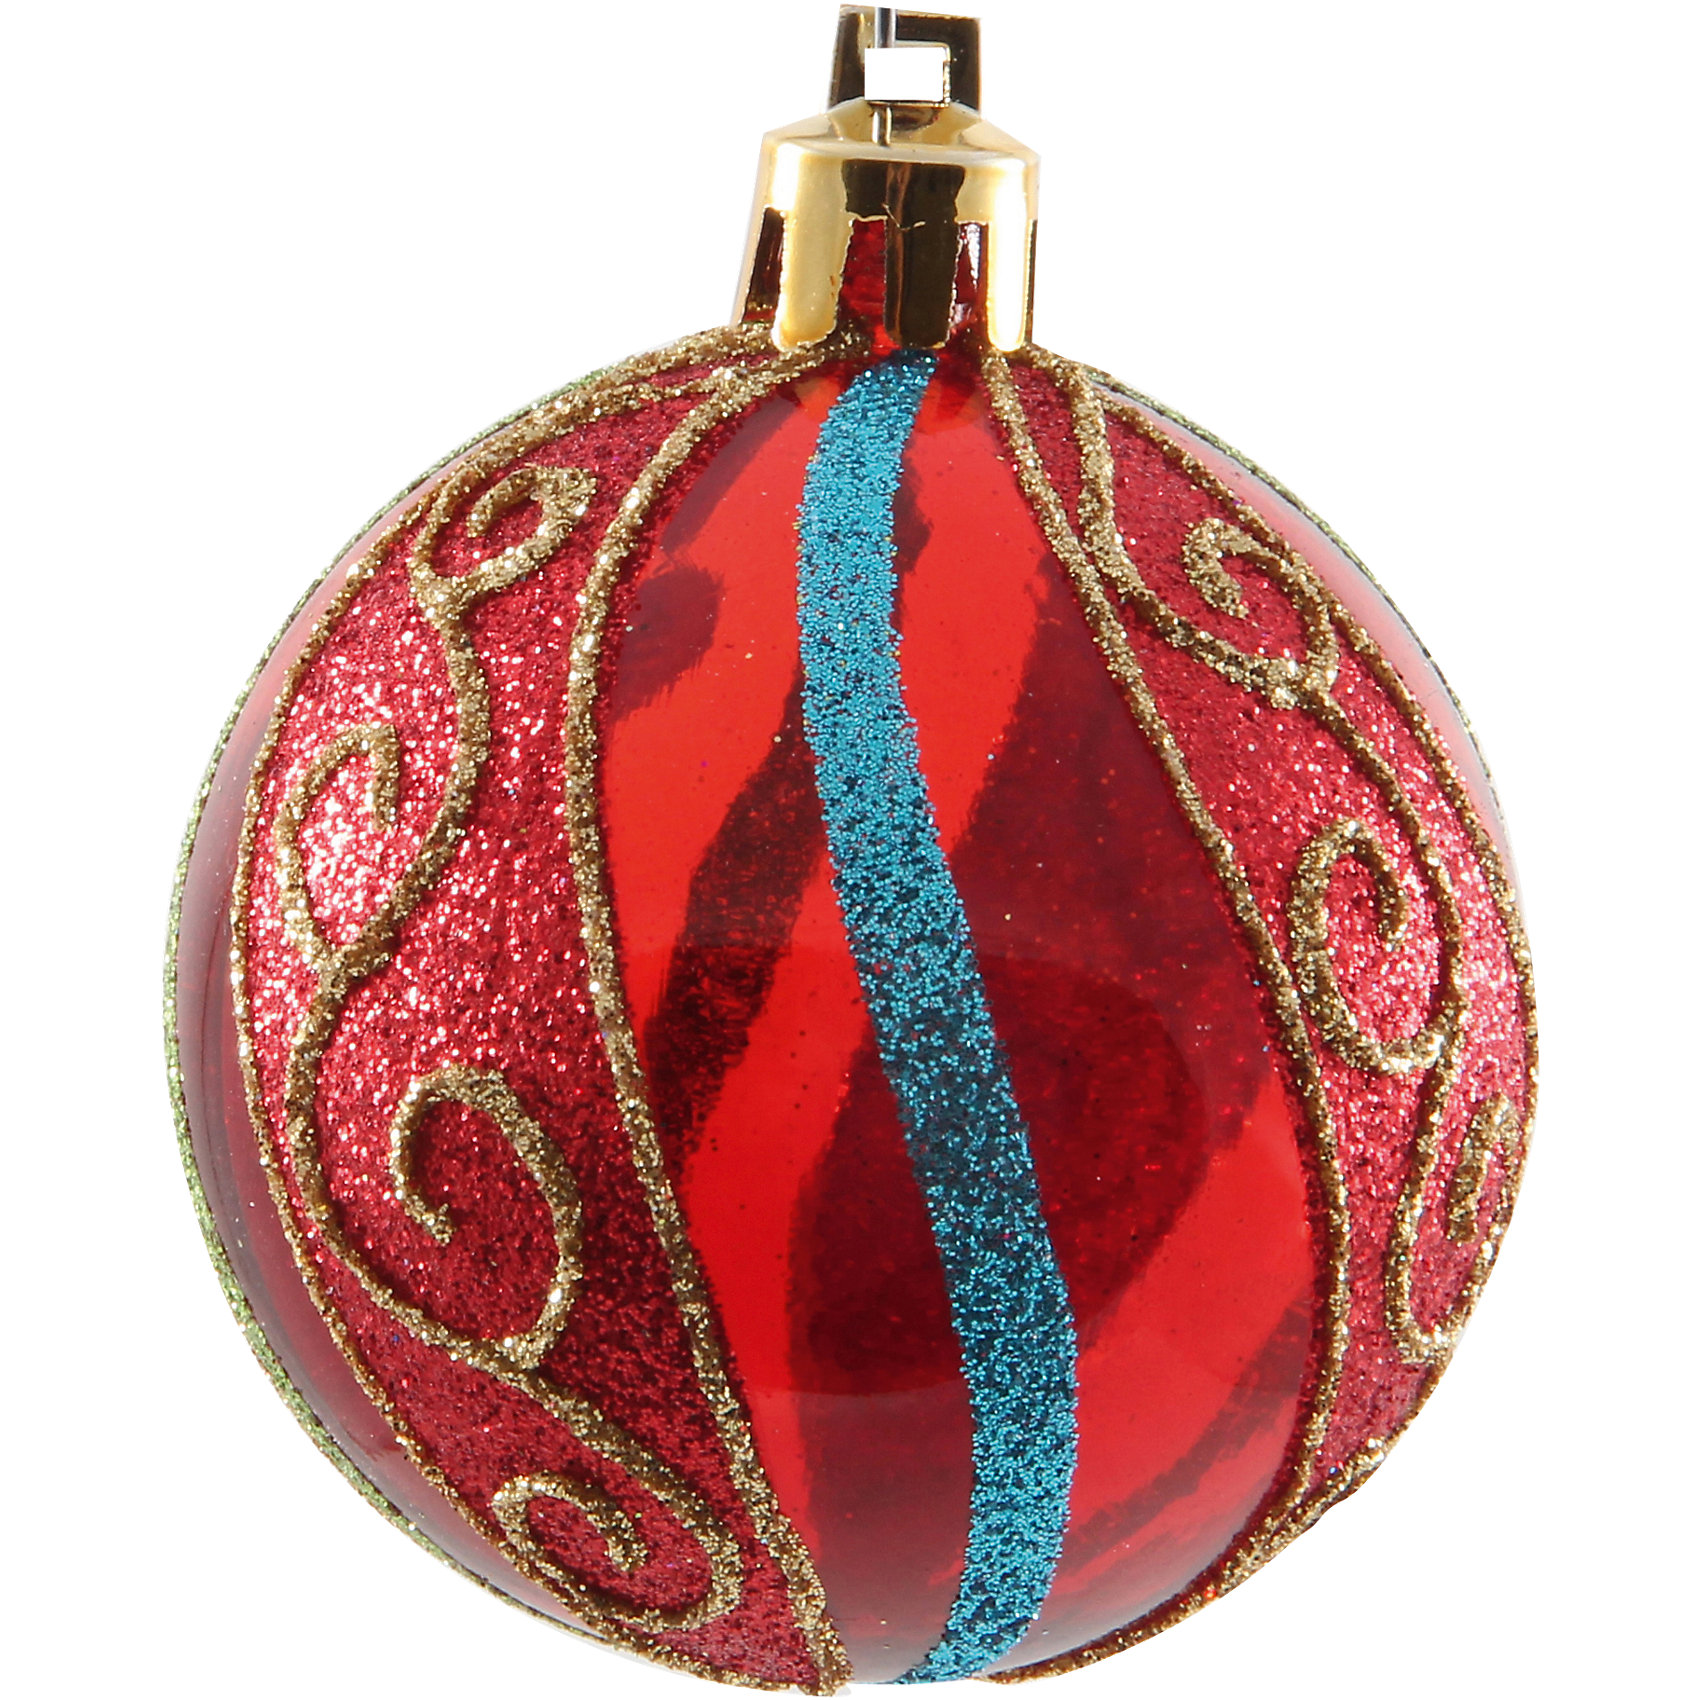 Шары с рисунком, 6 см, 6 шт., цвет-красныйВсё для праздника<br>Шары с рисунком, Волшебная страна станут замечательным украшением для Вашей новогодней елки и помогут создать праздничную волшебную атмосферу. В комплекте шесть<br>красных шаров с рисунком в клетку, они будут чудесно смотреться на елке и радовать детей и взрослых. Шары упакованы в прозрачную коробочку из ПВХ.<br><br>Дополнительная информация:<br><br>- Цвет: красный.<br>- В комплекте: 6 шт.<br>- Диаметр шара: 6 см.<br>- Размер упаковки: 17,5 x 11,5 x 6 см.<br>- Вес: 90 гр.<br><br>Шары с рисунком, Волшебная страна, можно купить в нашем интернет-магазине.<br><br>Ширина мм: 370<br>Глубина мм: 120<br>Высота мм: 60<br>Вес г: 90<br>Возраст от месяцев: 60<br>Возраст до месяцев: 180<br>Пол: Унисекс<br>Возраст: Детский<br>SKU: 3791394